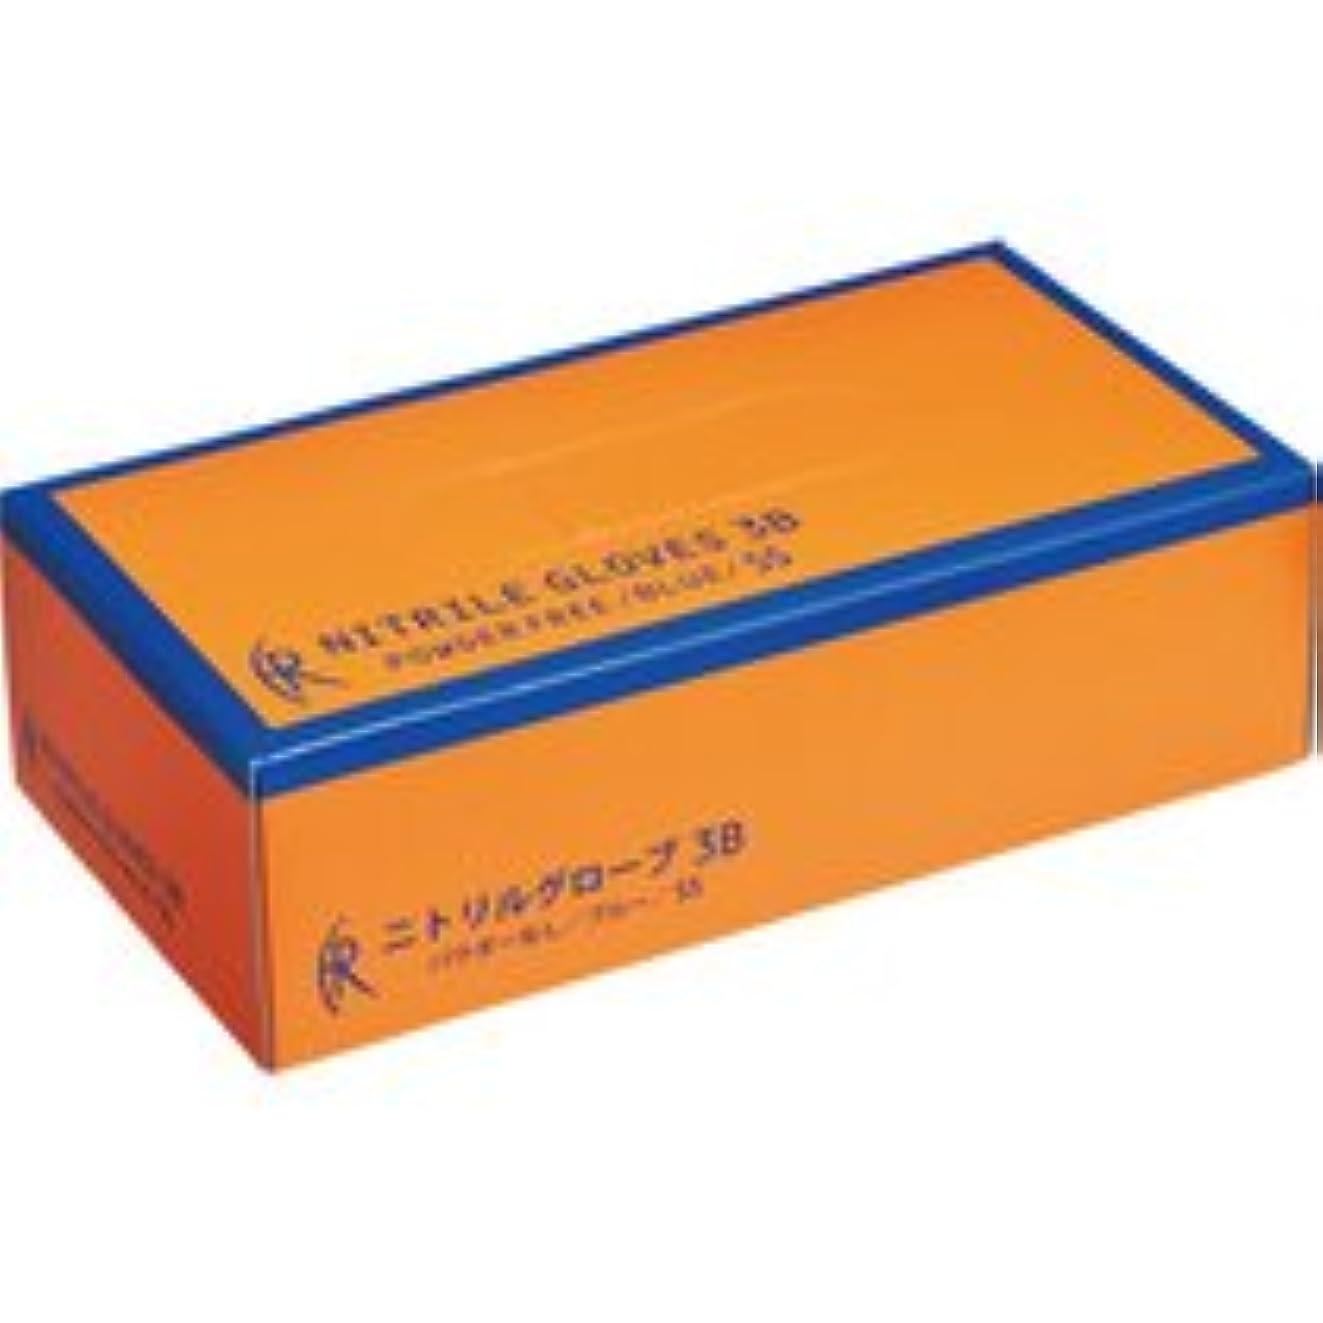 ワイヤーカポックまた明日ねファーストレイト ニトリルグローブ3B パウダーフリー SS FR-5660 1セット(2000枚:200枚×10箱)